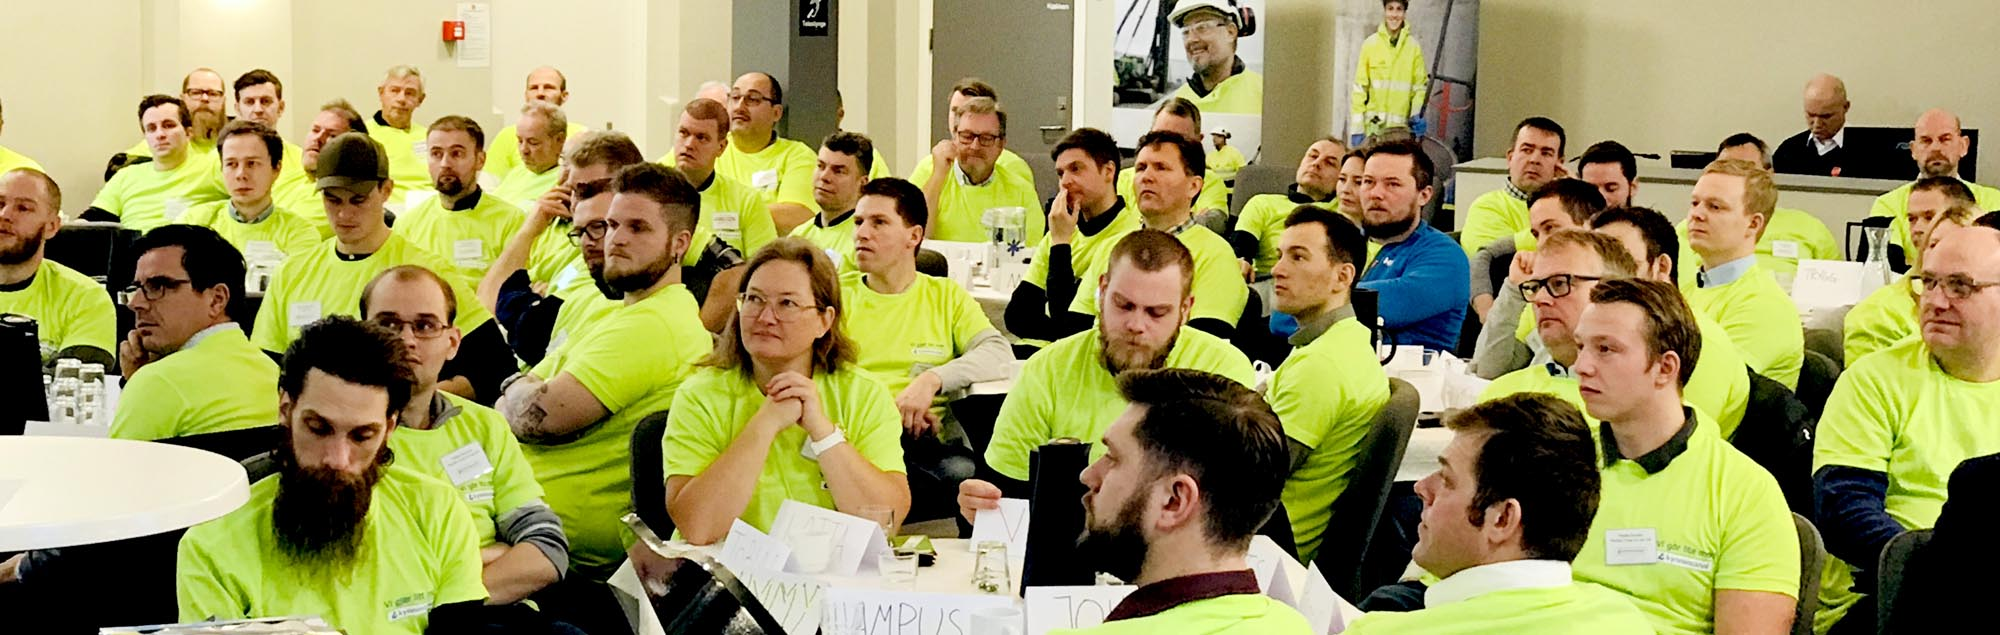 HMS-dag: kommunikation och medarbetarskap